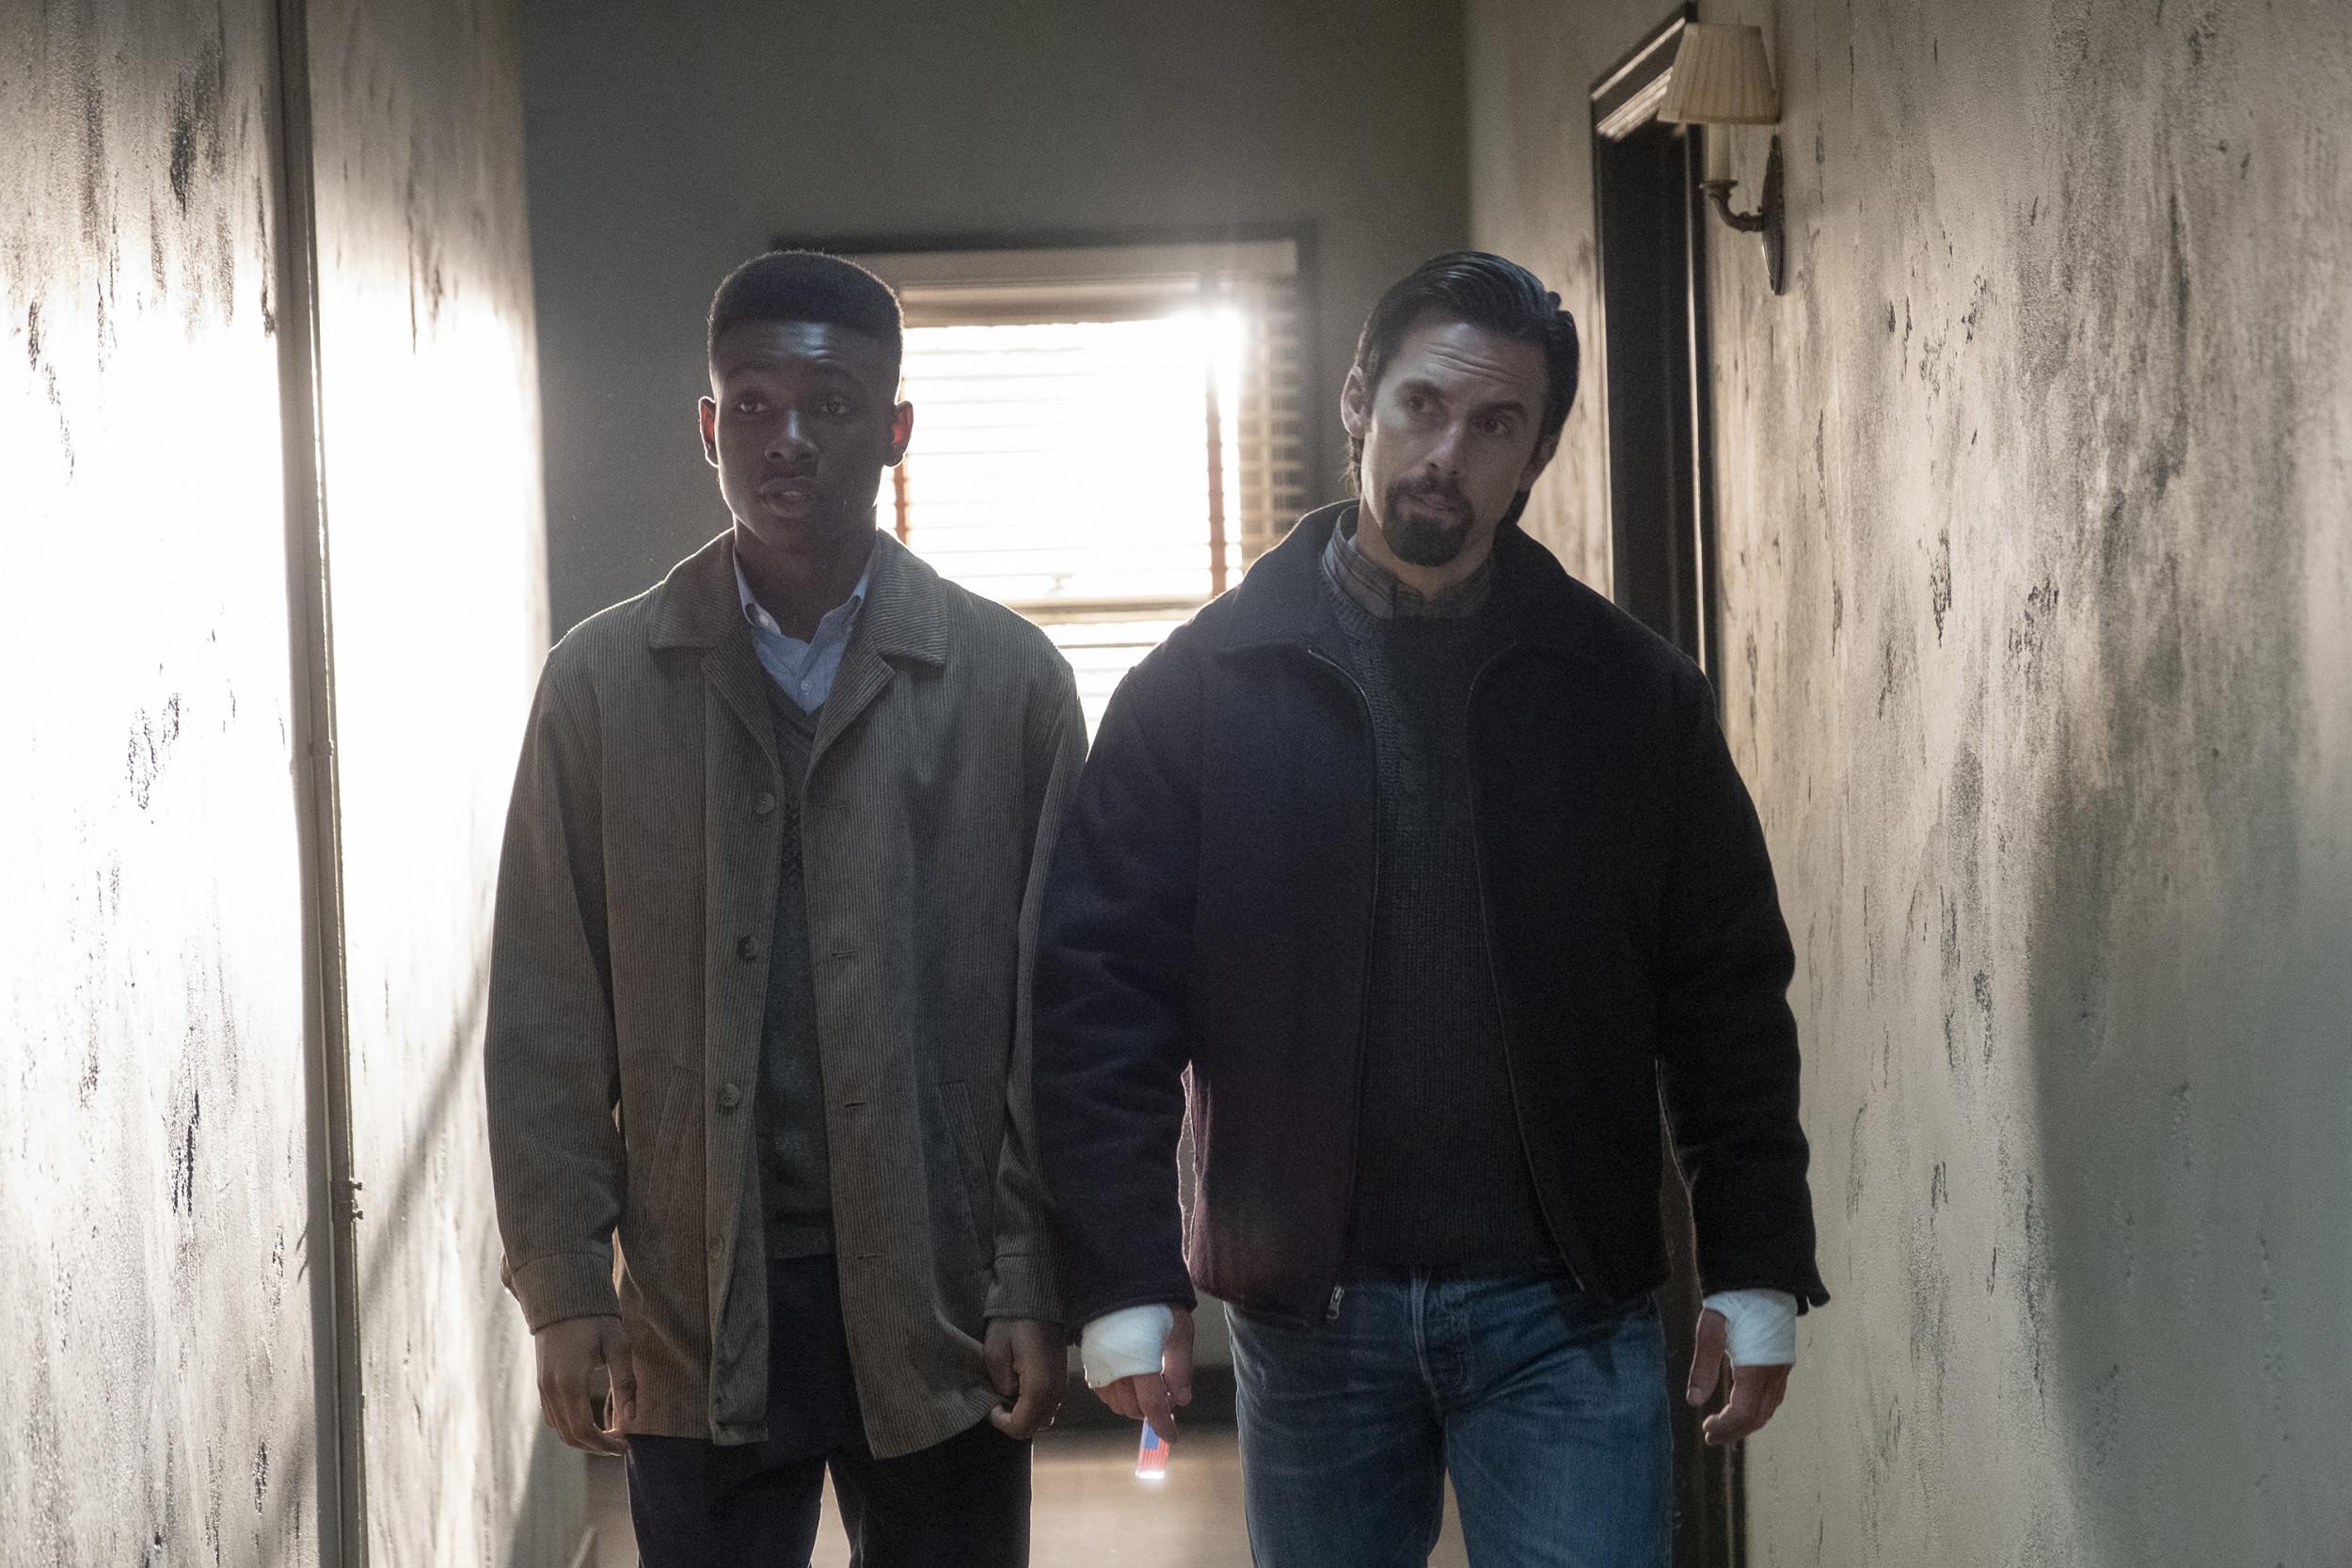 Randall ve en Jack el ejemplo de cómo ser un buen padre y un buen hombre.